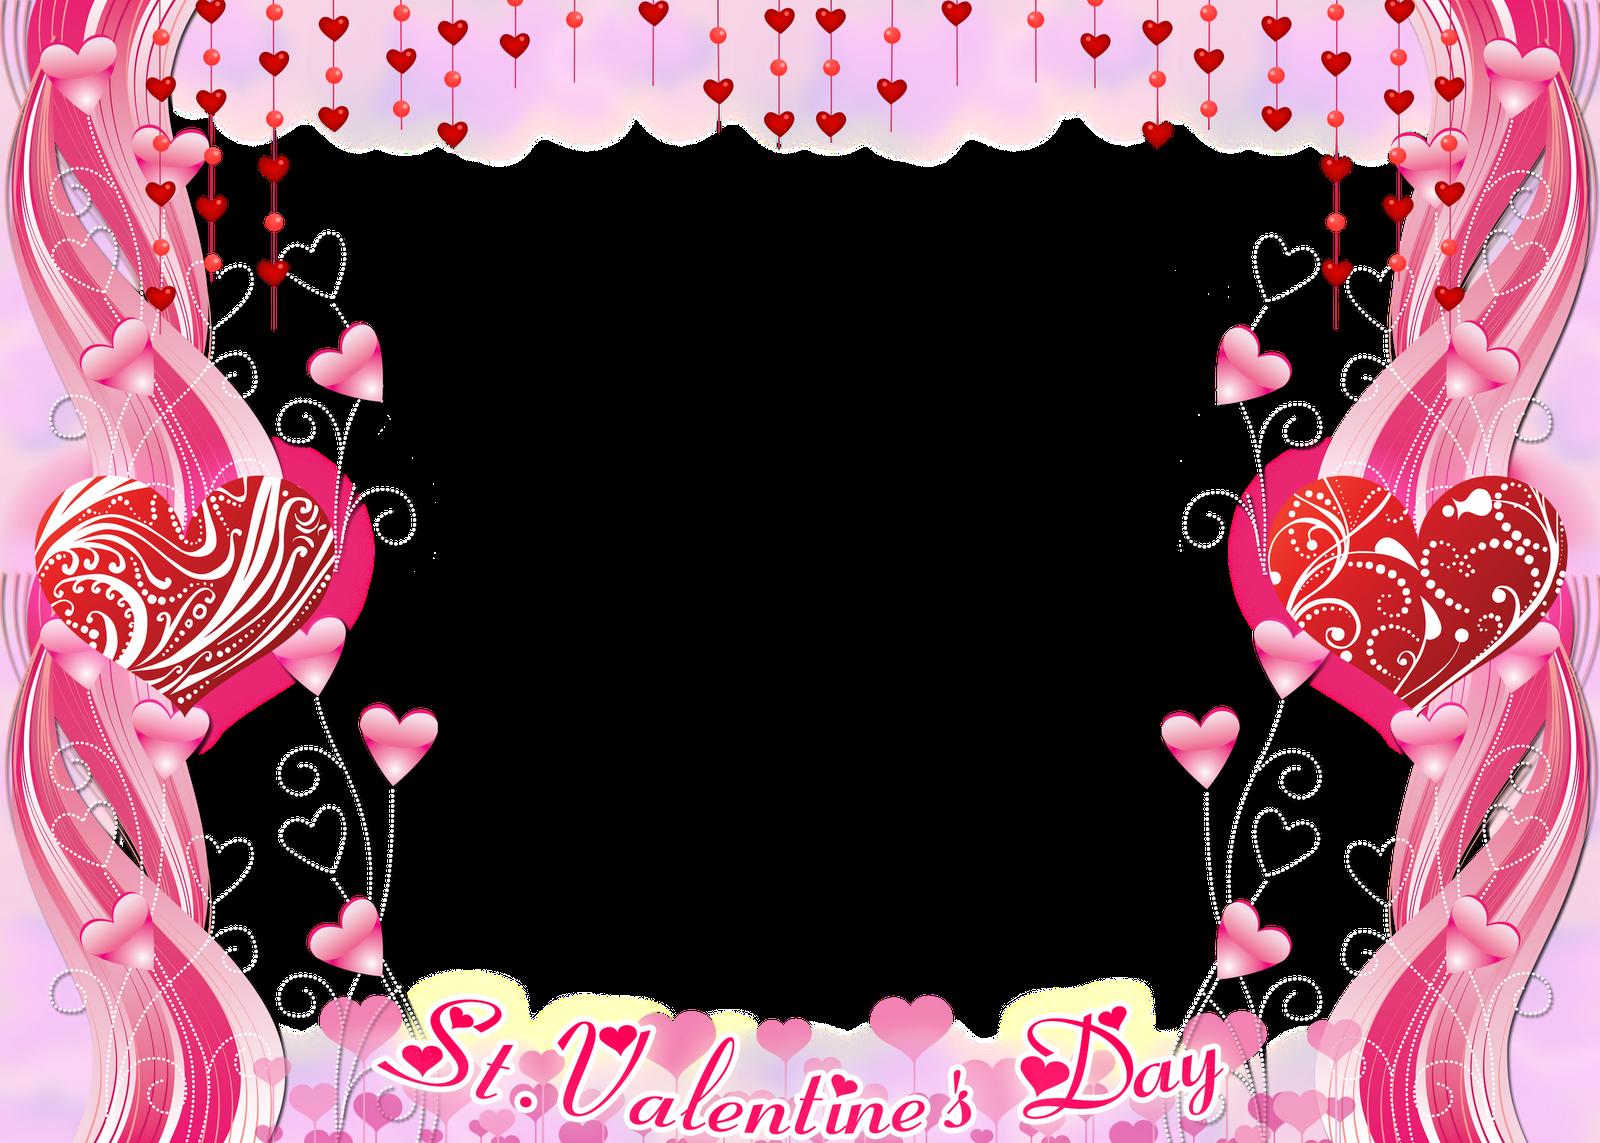 frames PNG fotos romanticas #1   Central Photoshop